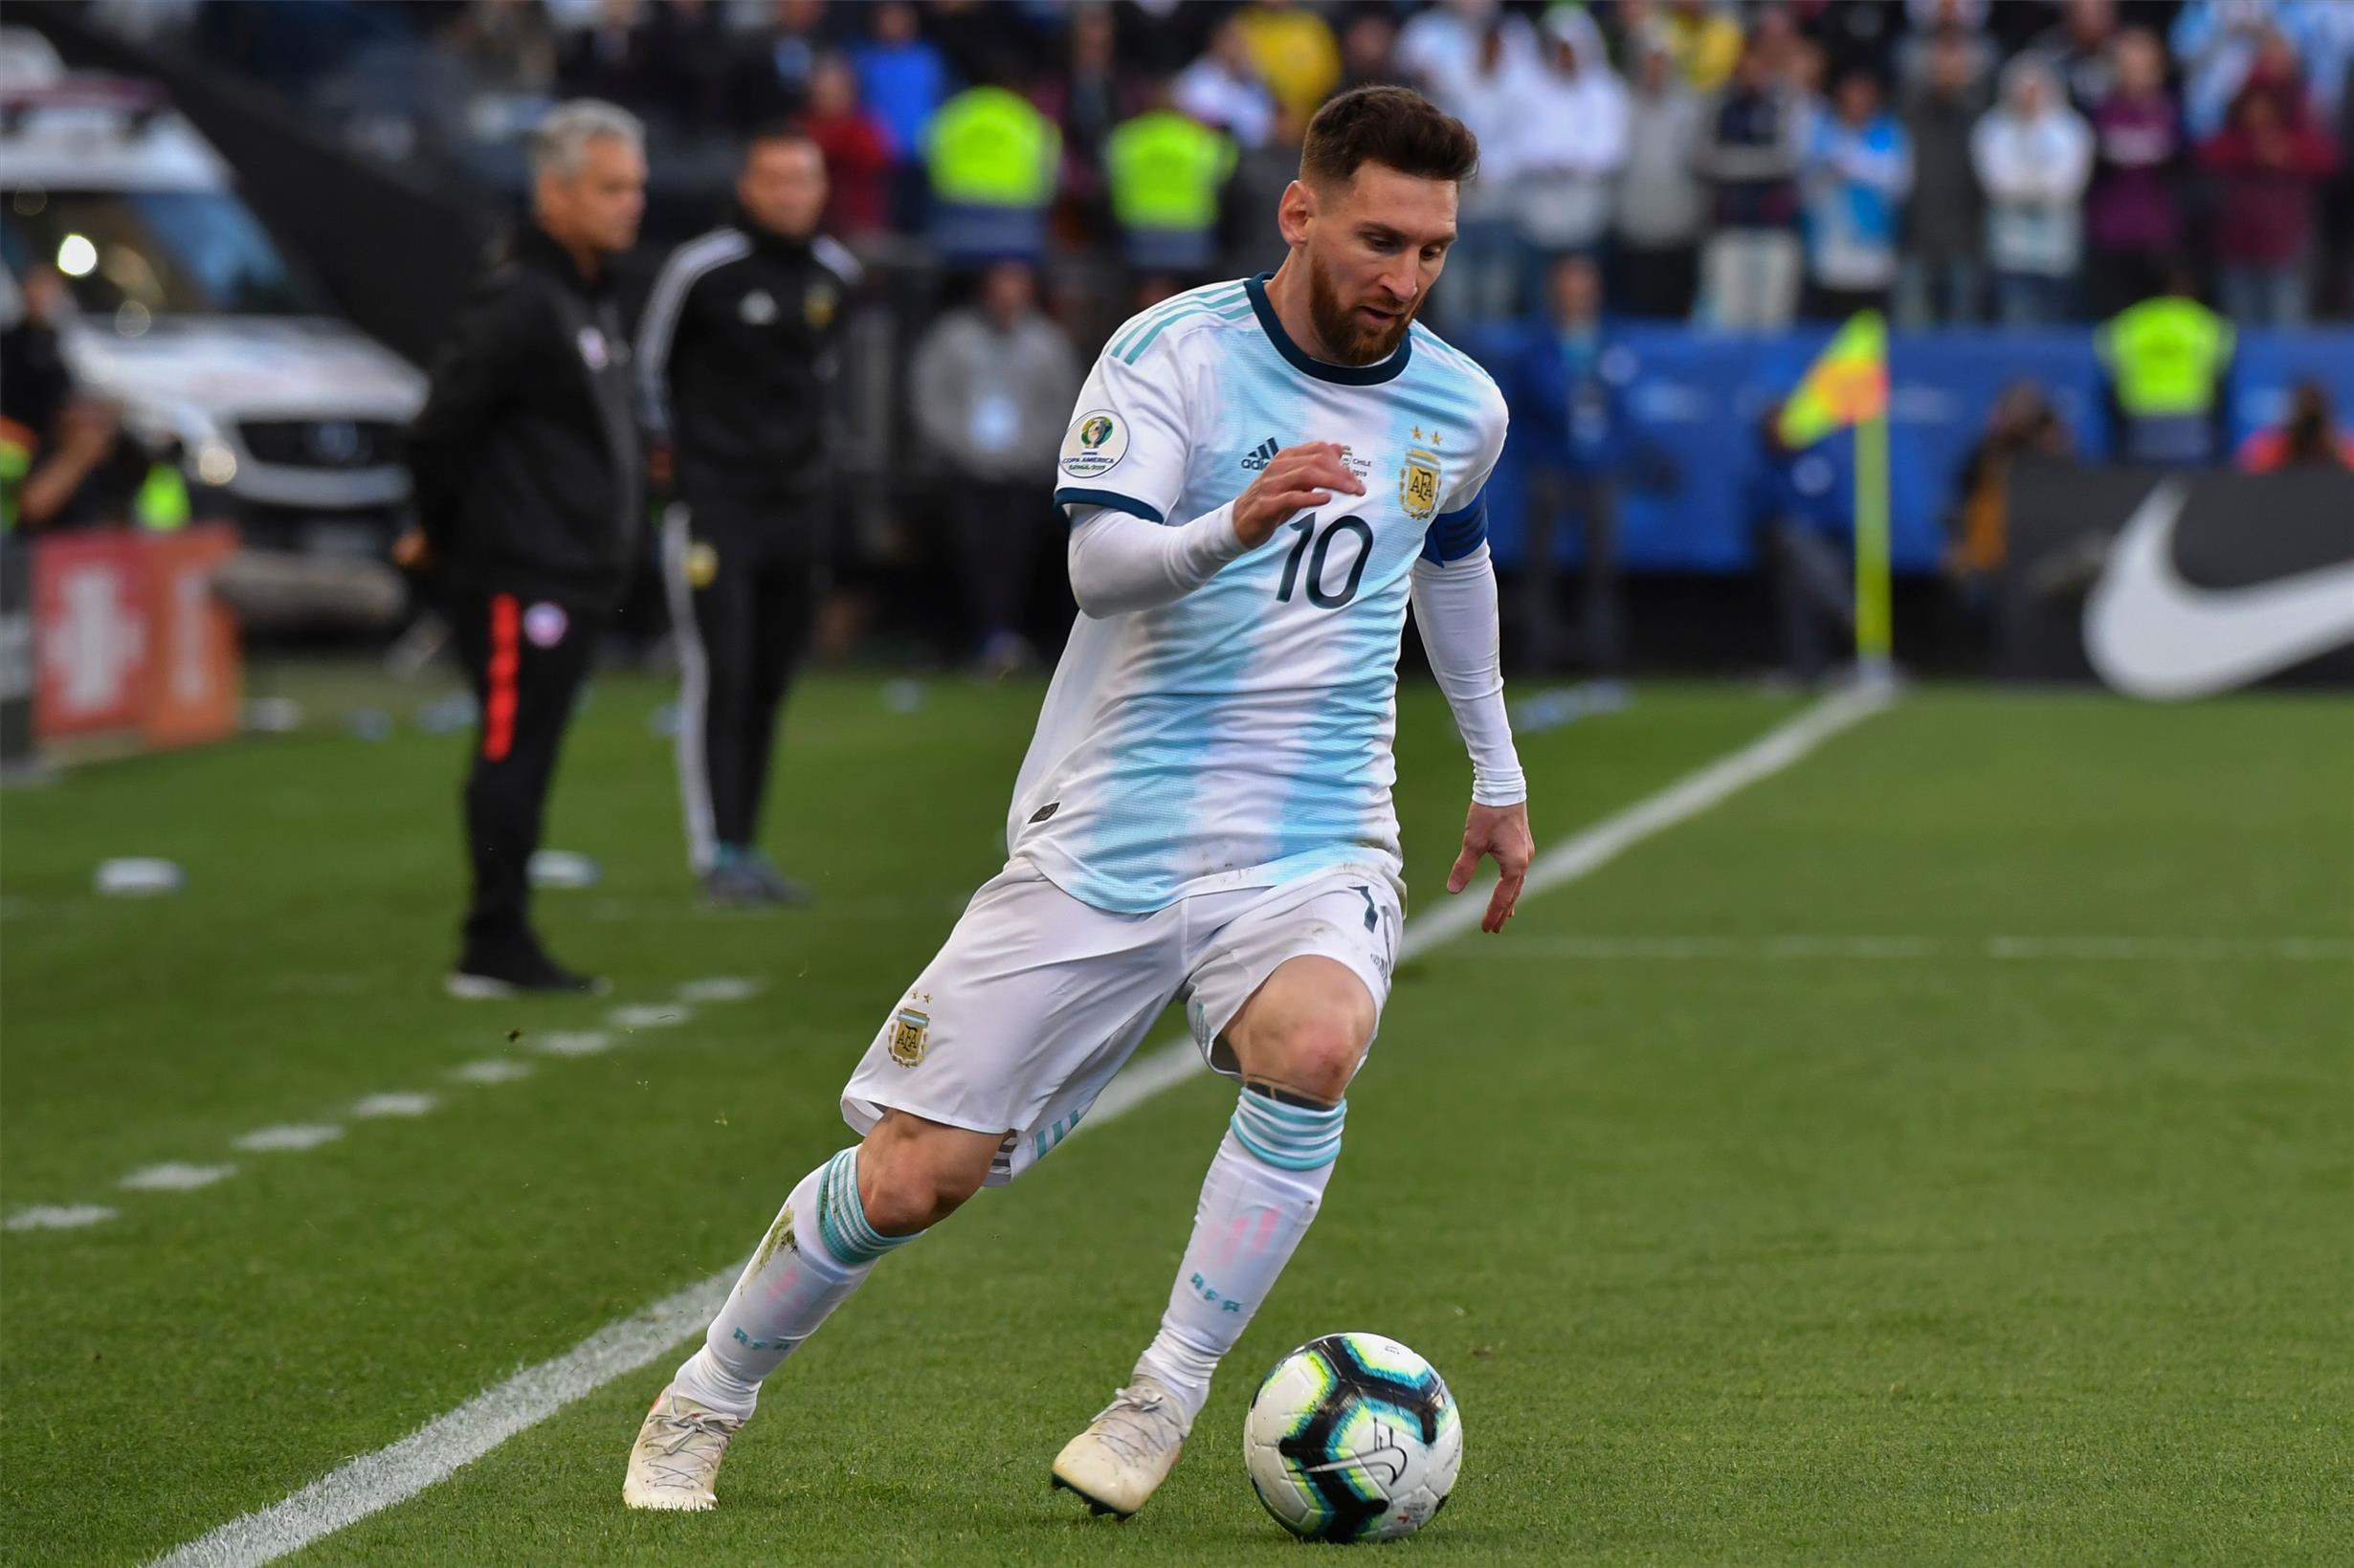 Messi tendría seis meses de sanción y no estaría en el amistoso con Brasil